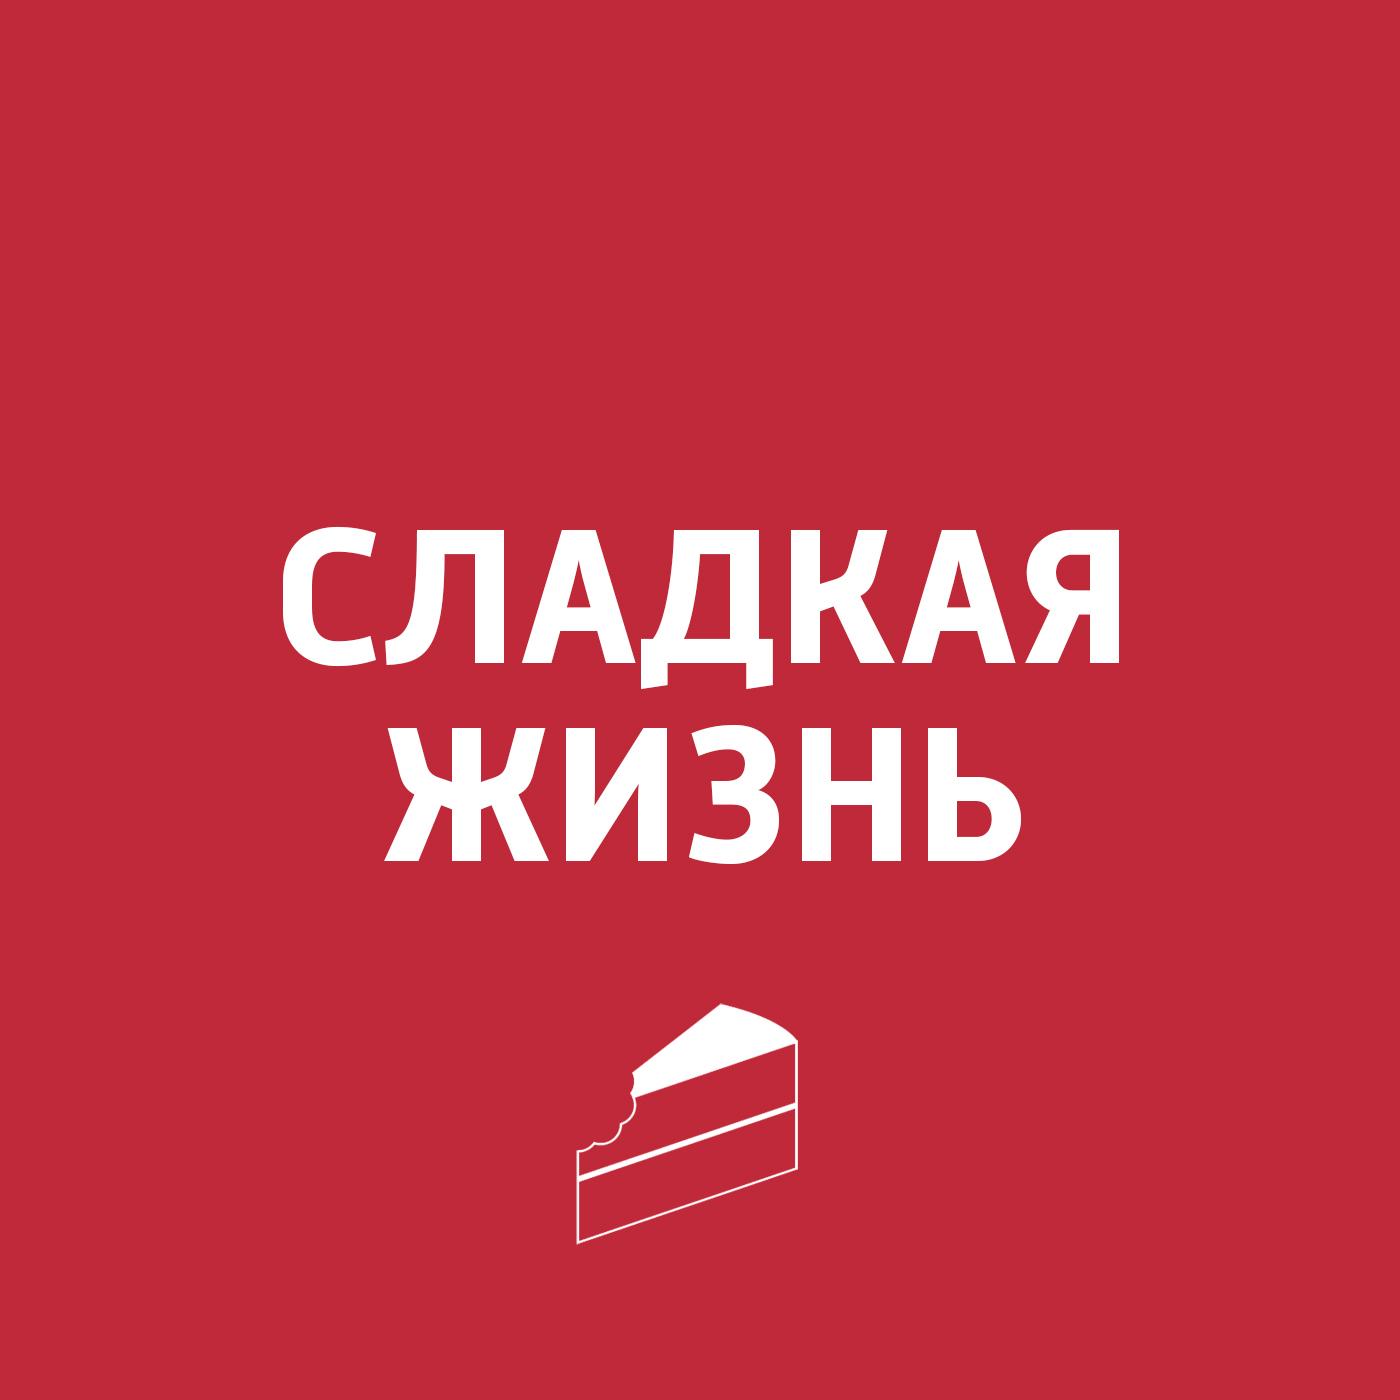 Картаев Павел Хлебный суп картаев павел черные курильщики